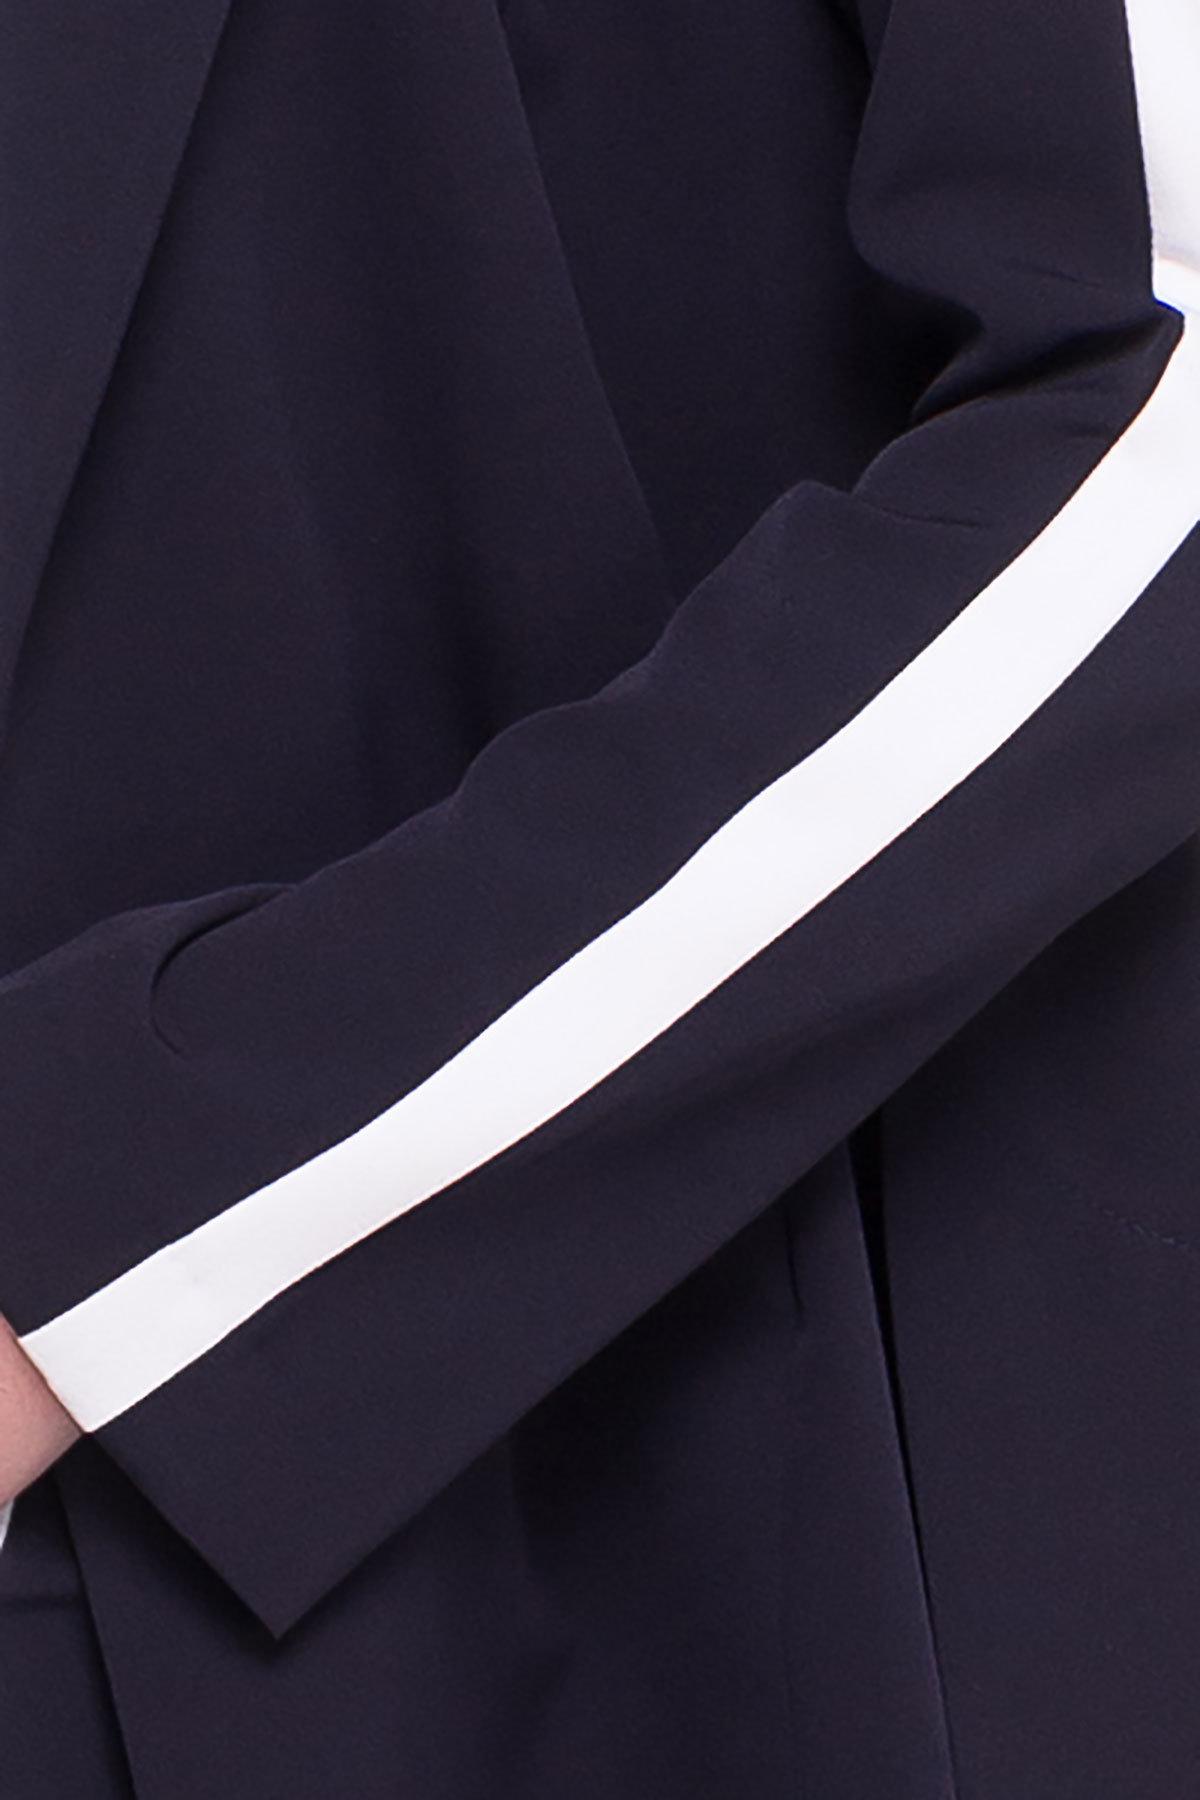 Жакет Макеба 3240 Цвет: Темно-синий/белый